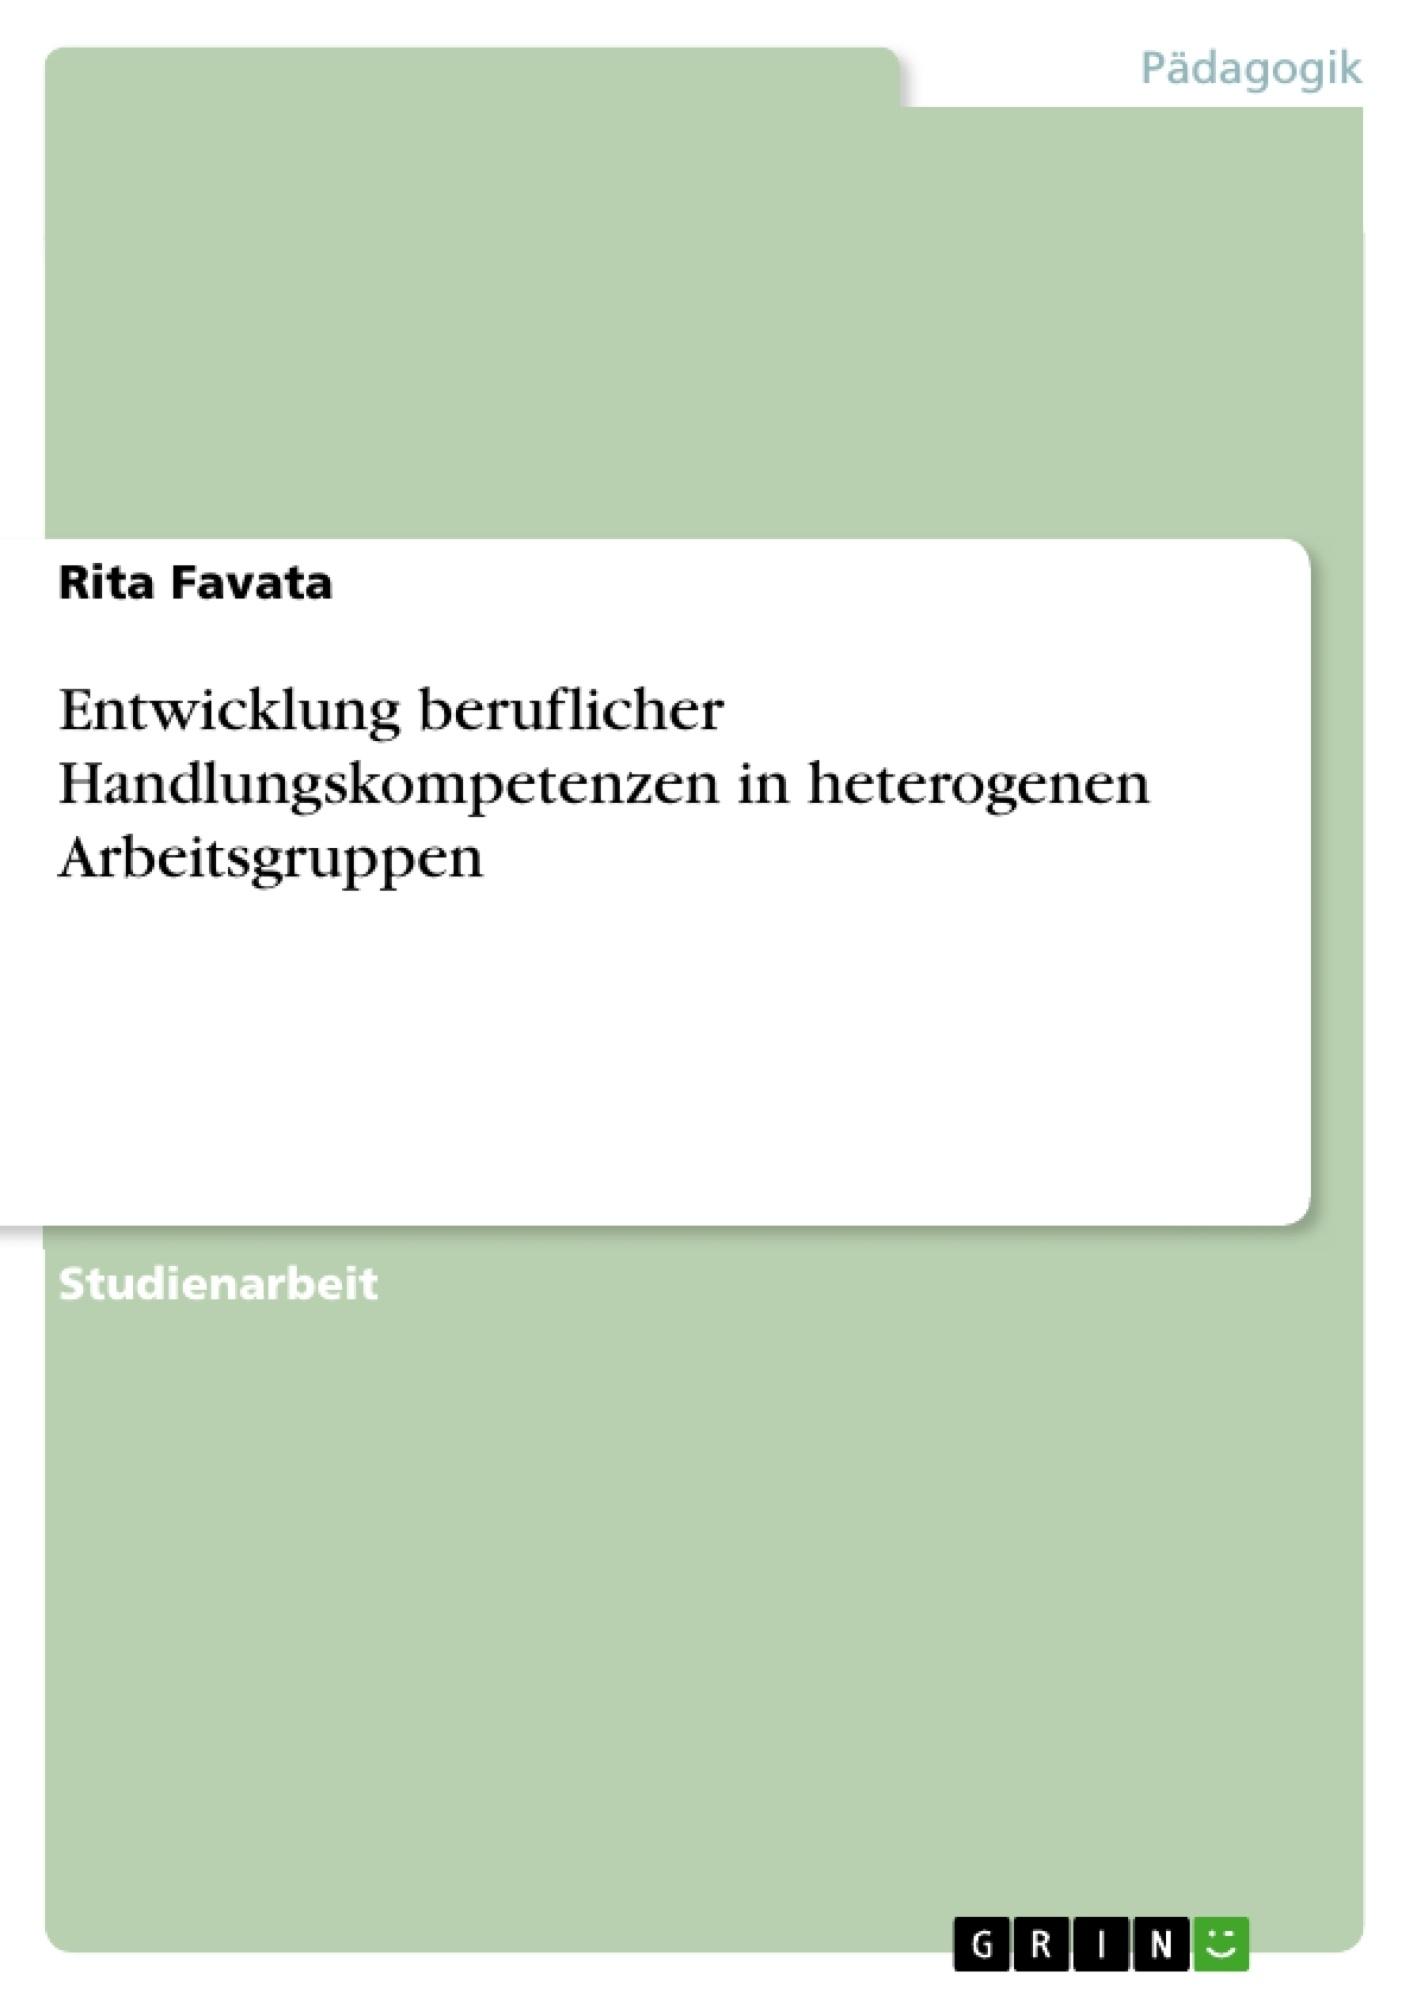 Titel: Entwicklung beruflicher Handlungskompetenzen in heterogenen Arbeitsgruppen